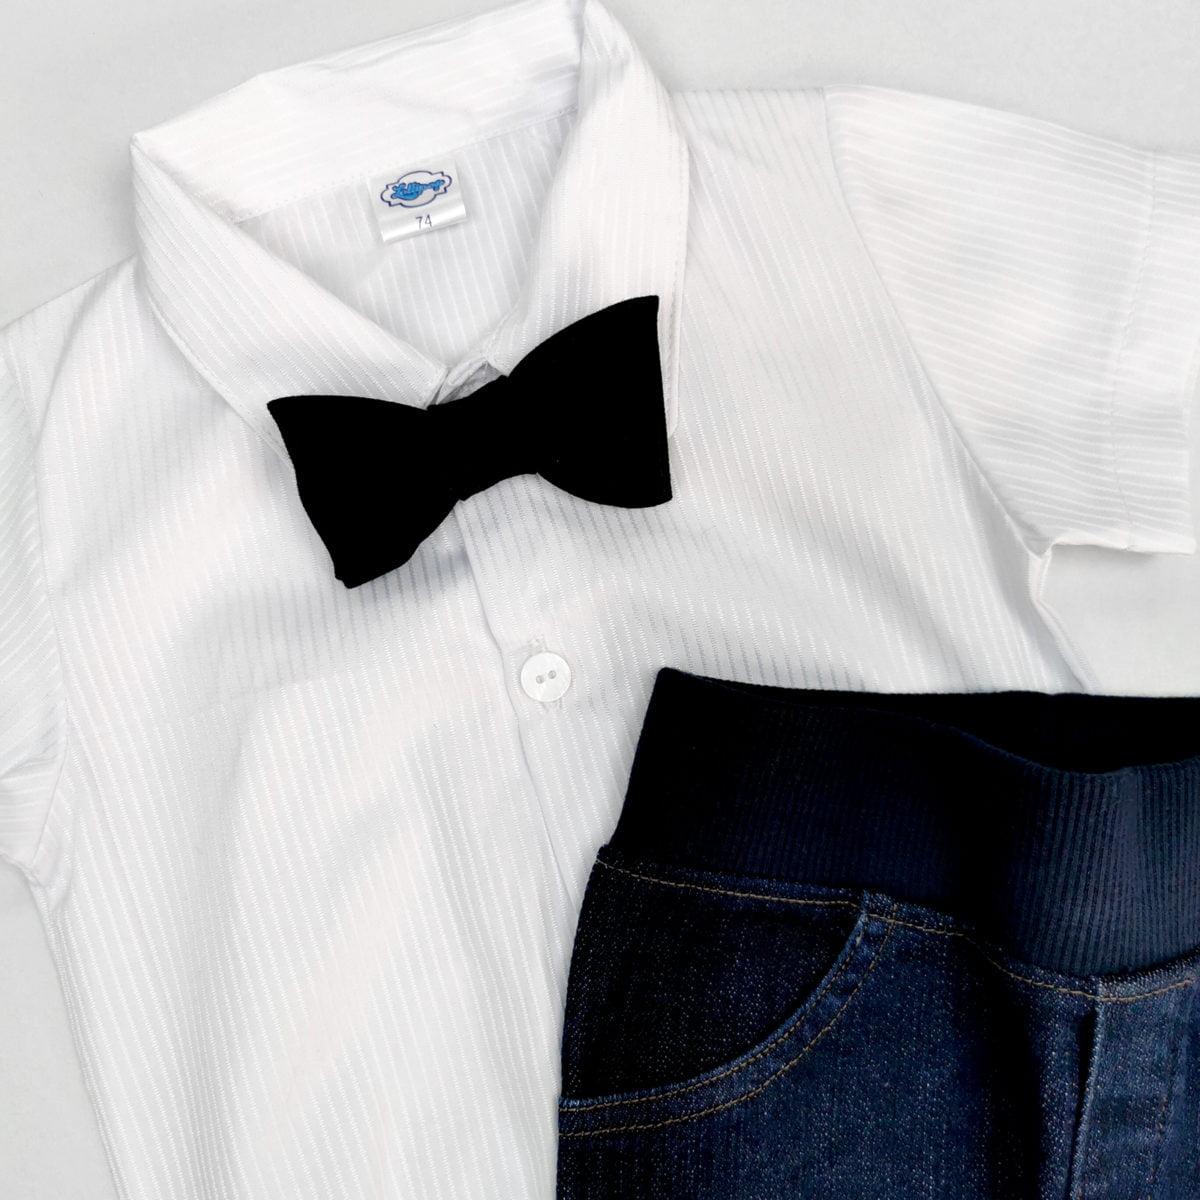 bijela košulja-bodi detalj s leptir mašnom